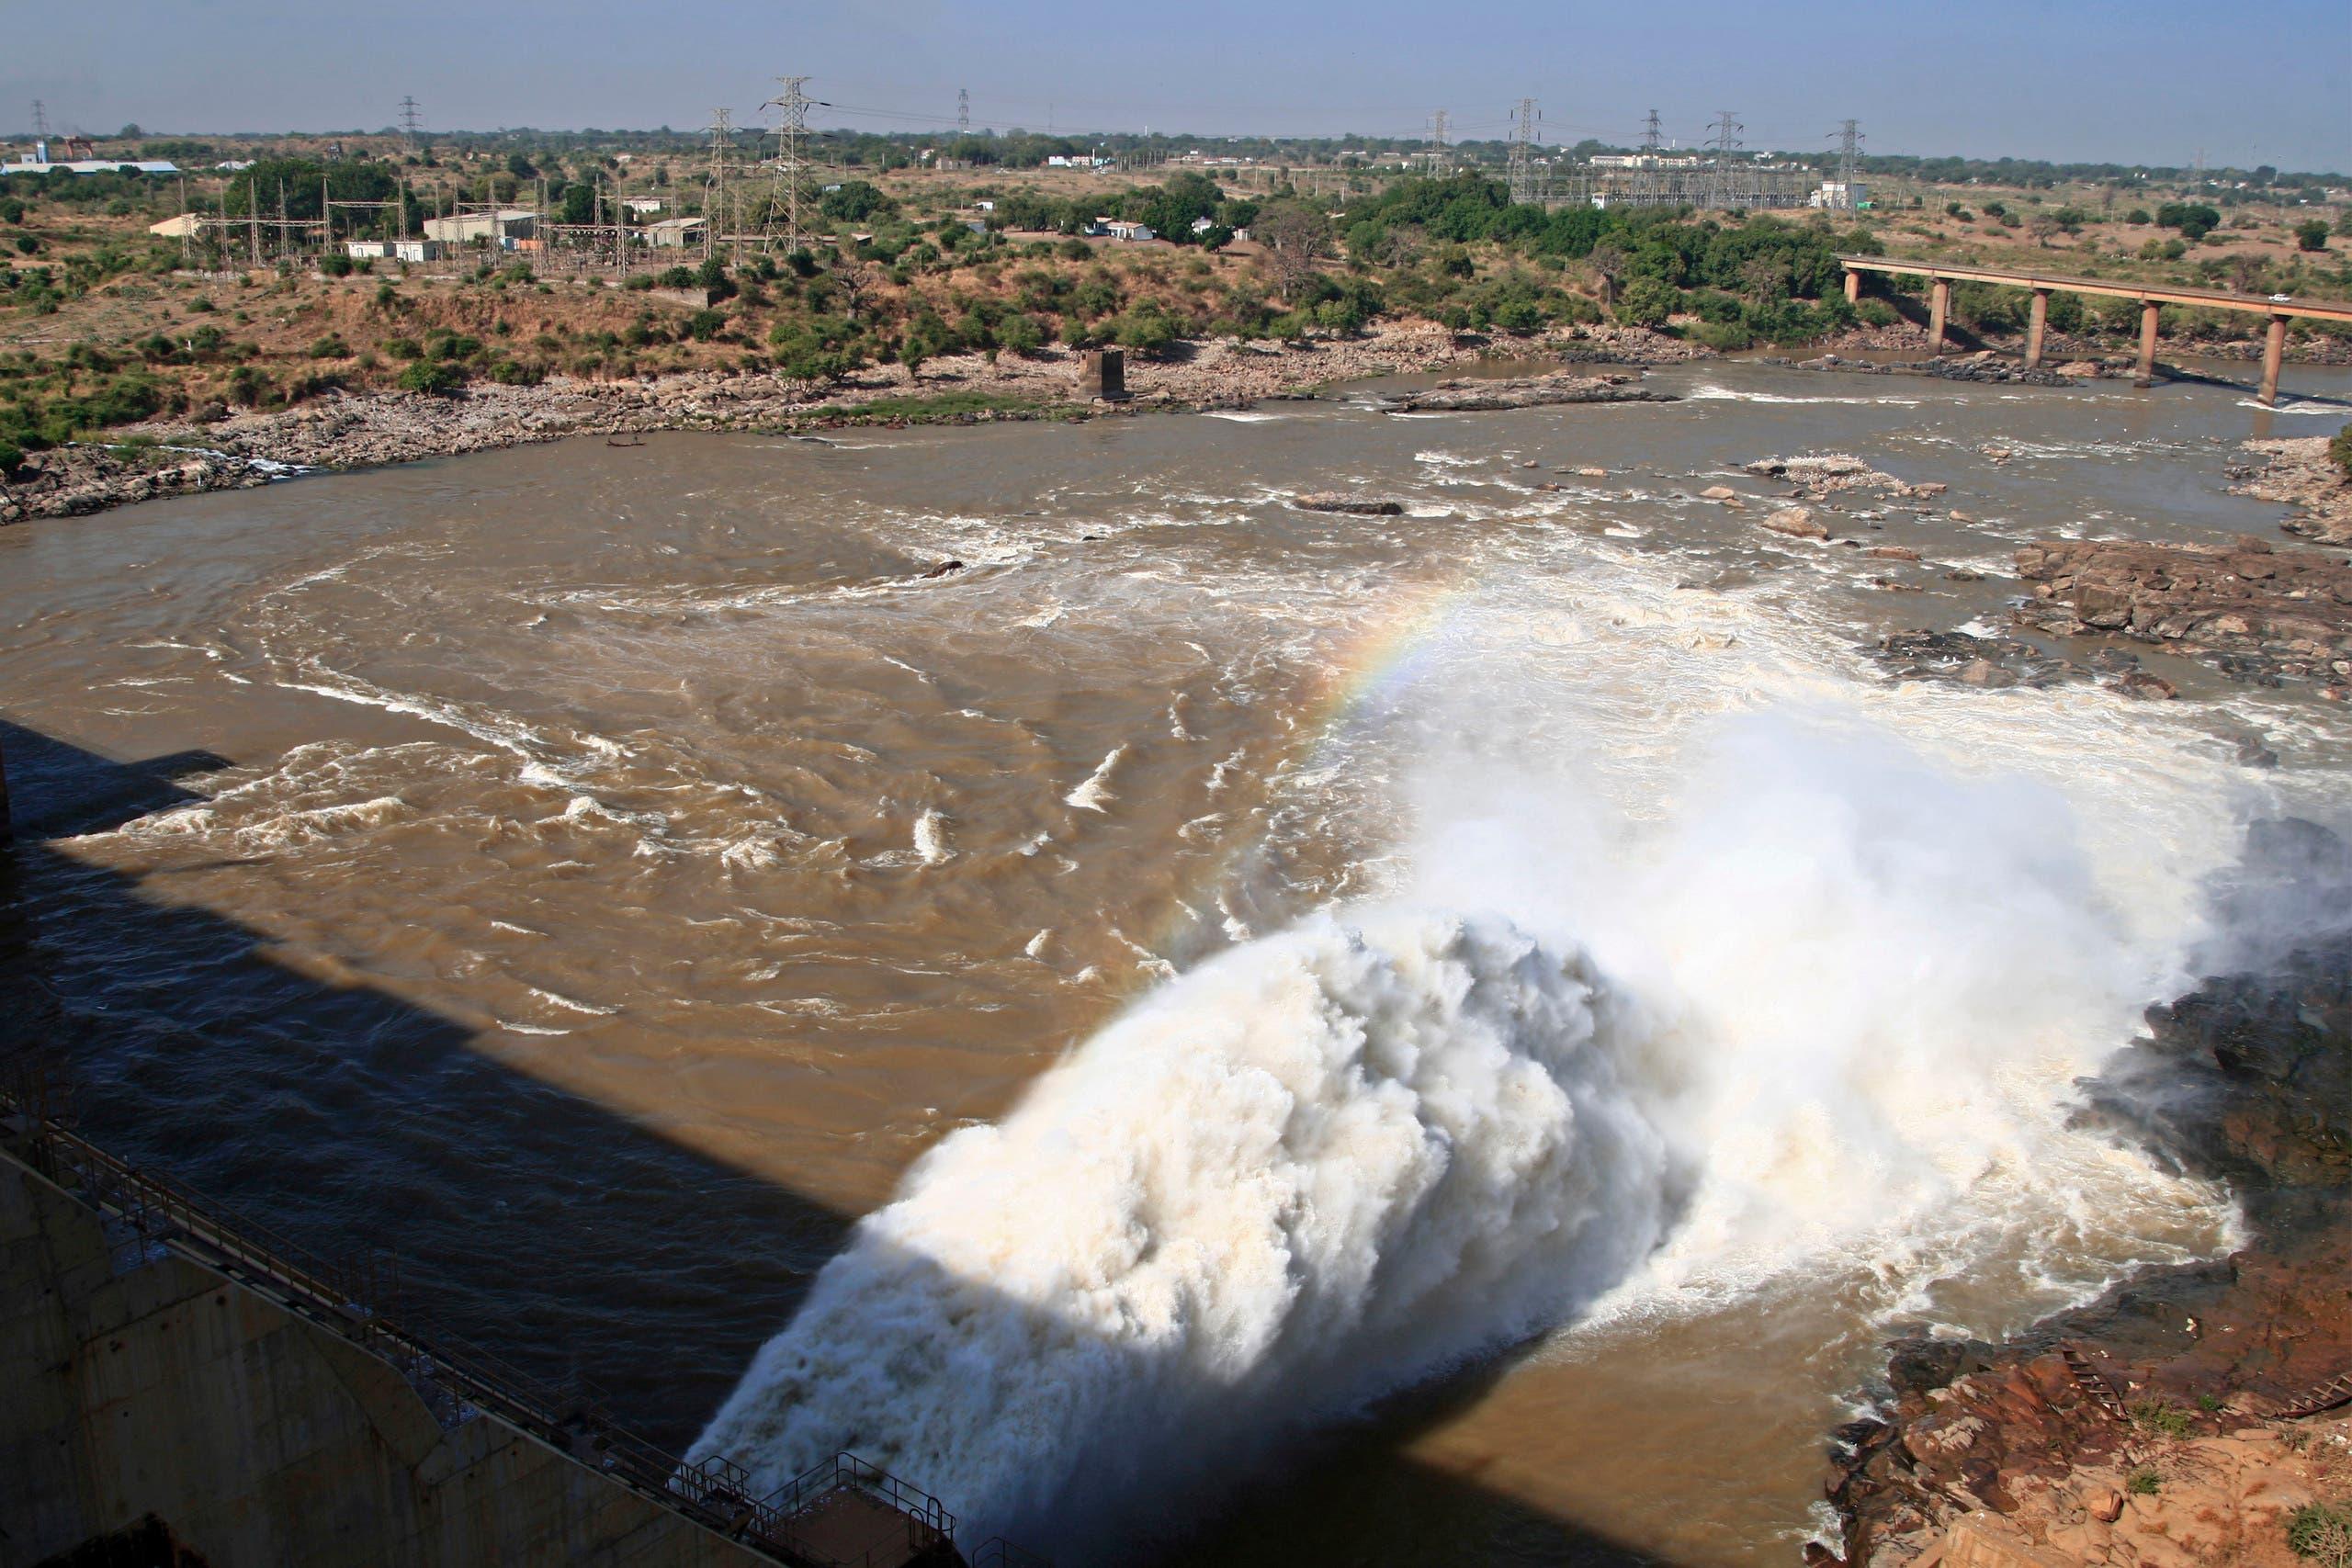 صورة تظهر تدفق المياه من سد الروصيرص على نهر النيل الأزرق عند الدمازين جنوب شرقي السودان (أرشيفية من فرانس برس)